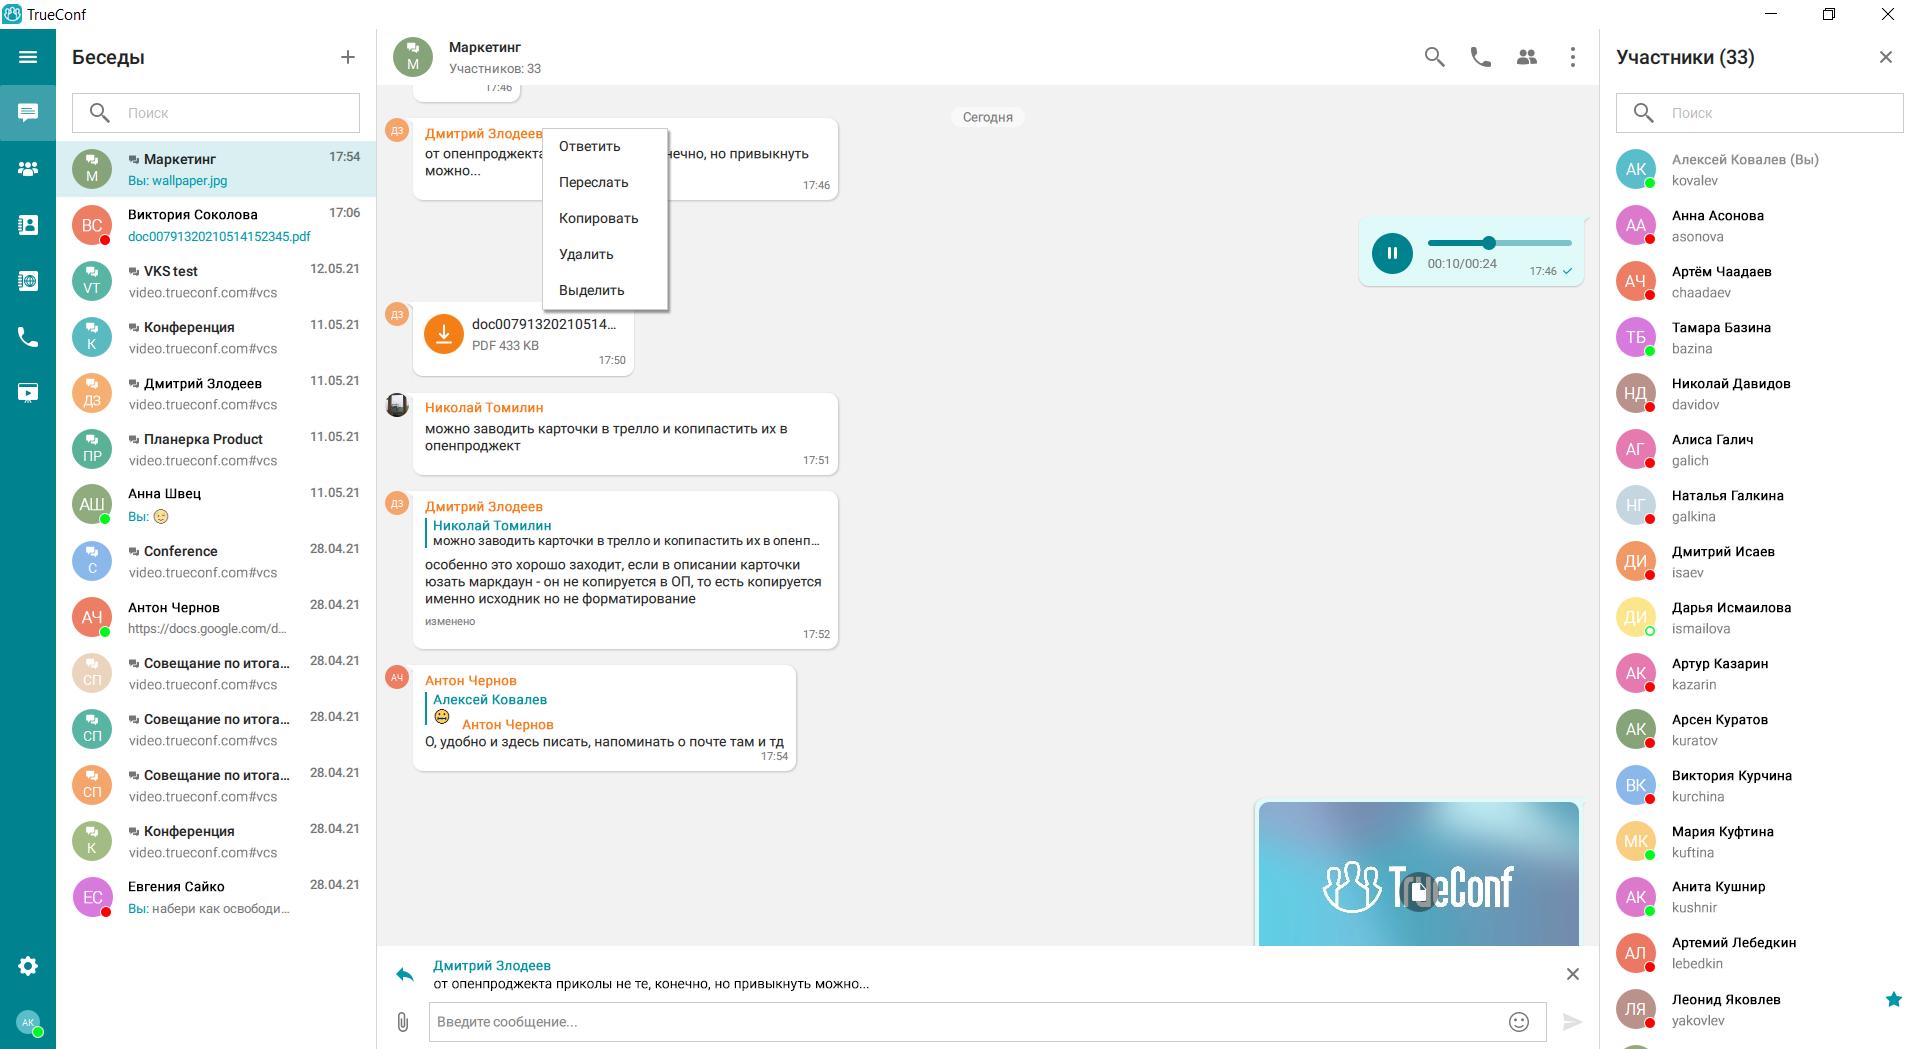 TrueConf представил российский корпоративный мессенджер с искусственным интеллектом 2